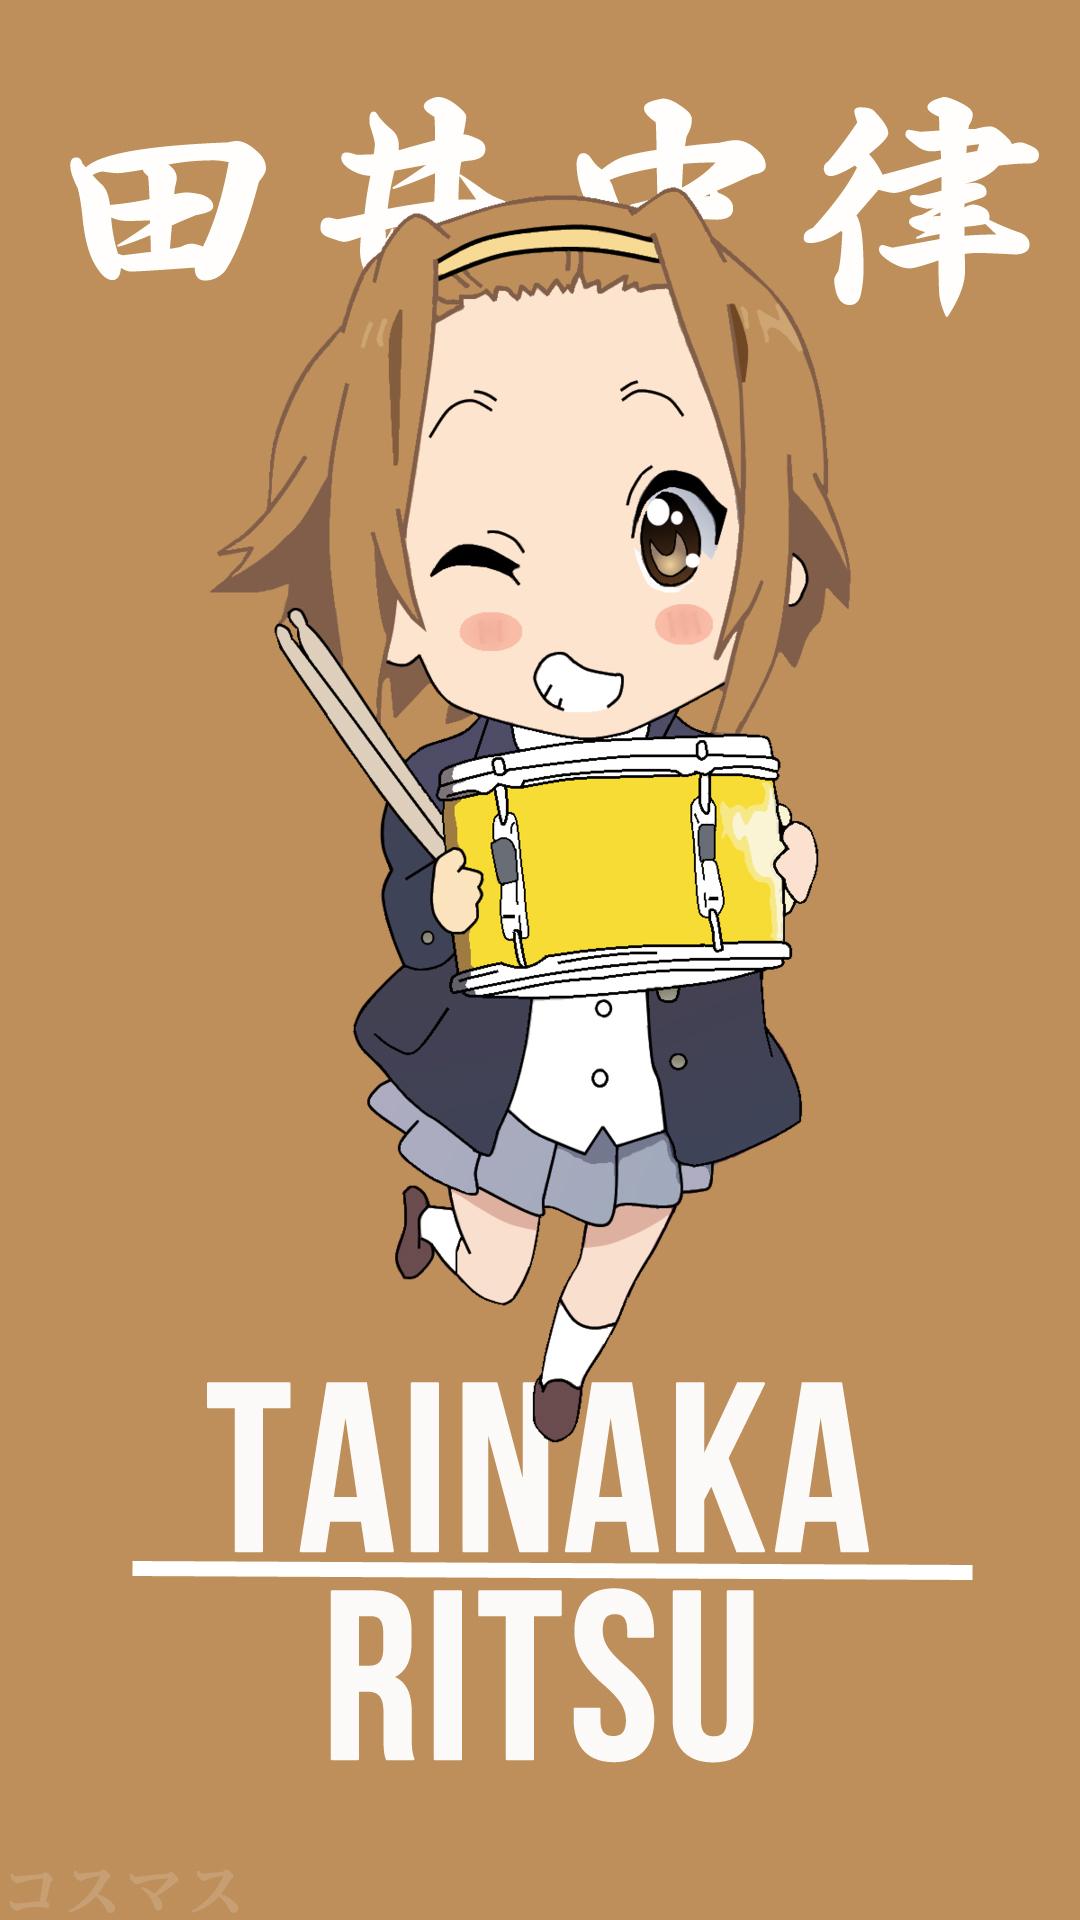 TAINAKA RITSU V2 -CSMS.jpg